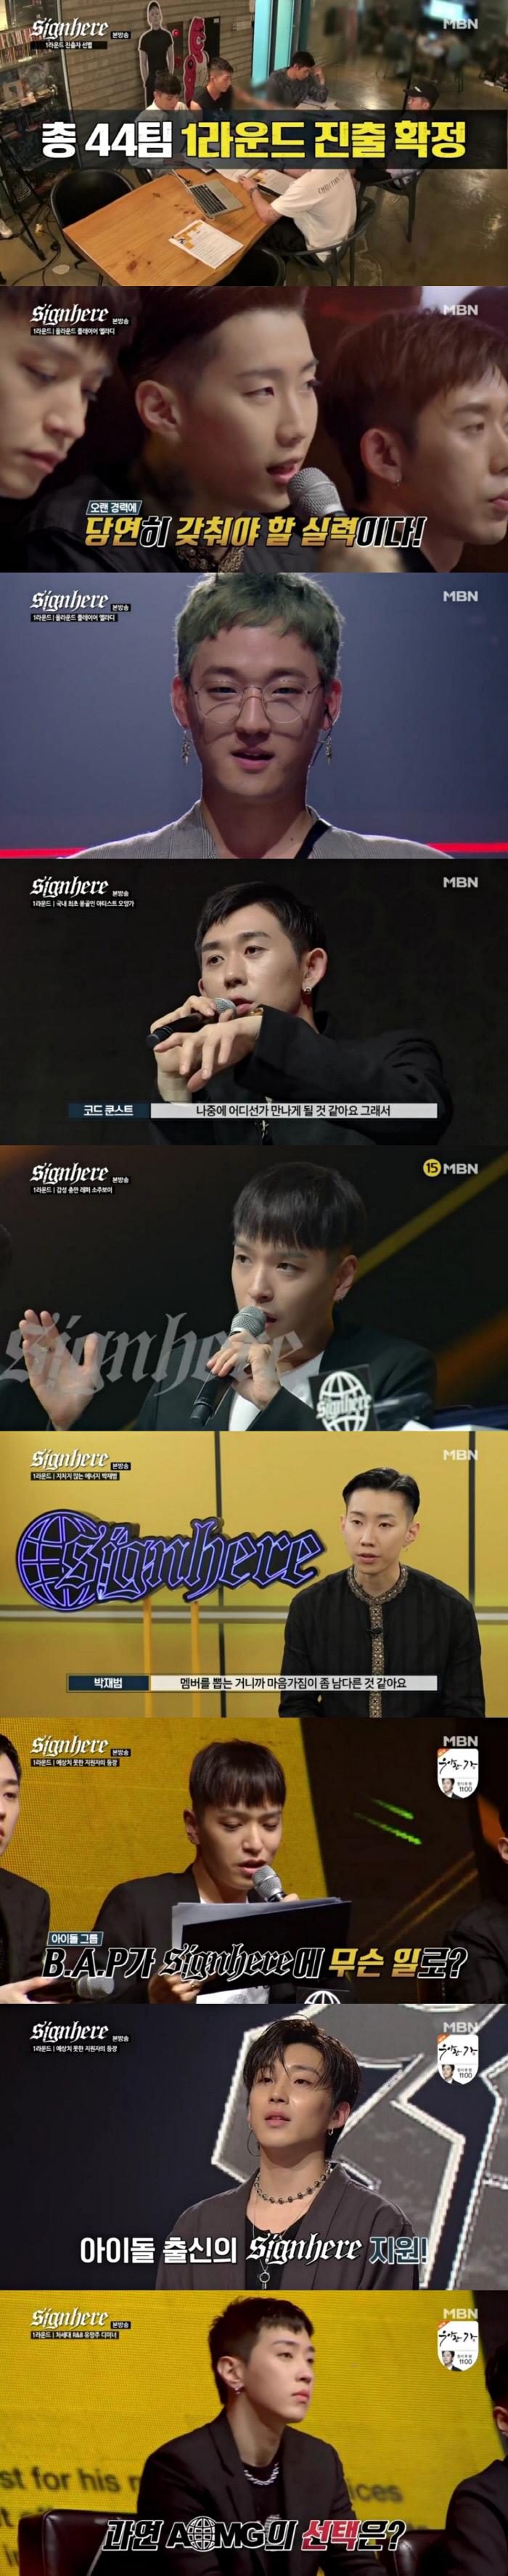 [간밤TV] 첫방 '사인히어' 오디션 우승자 옐라디부터 B.A.P 출신 문종업까지…'상상 그 이상'